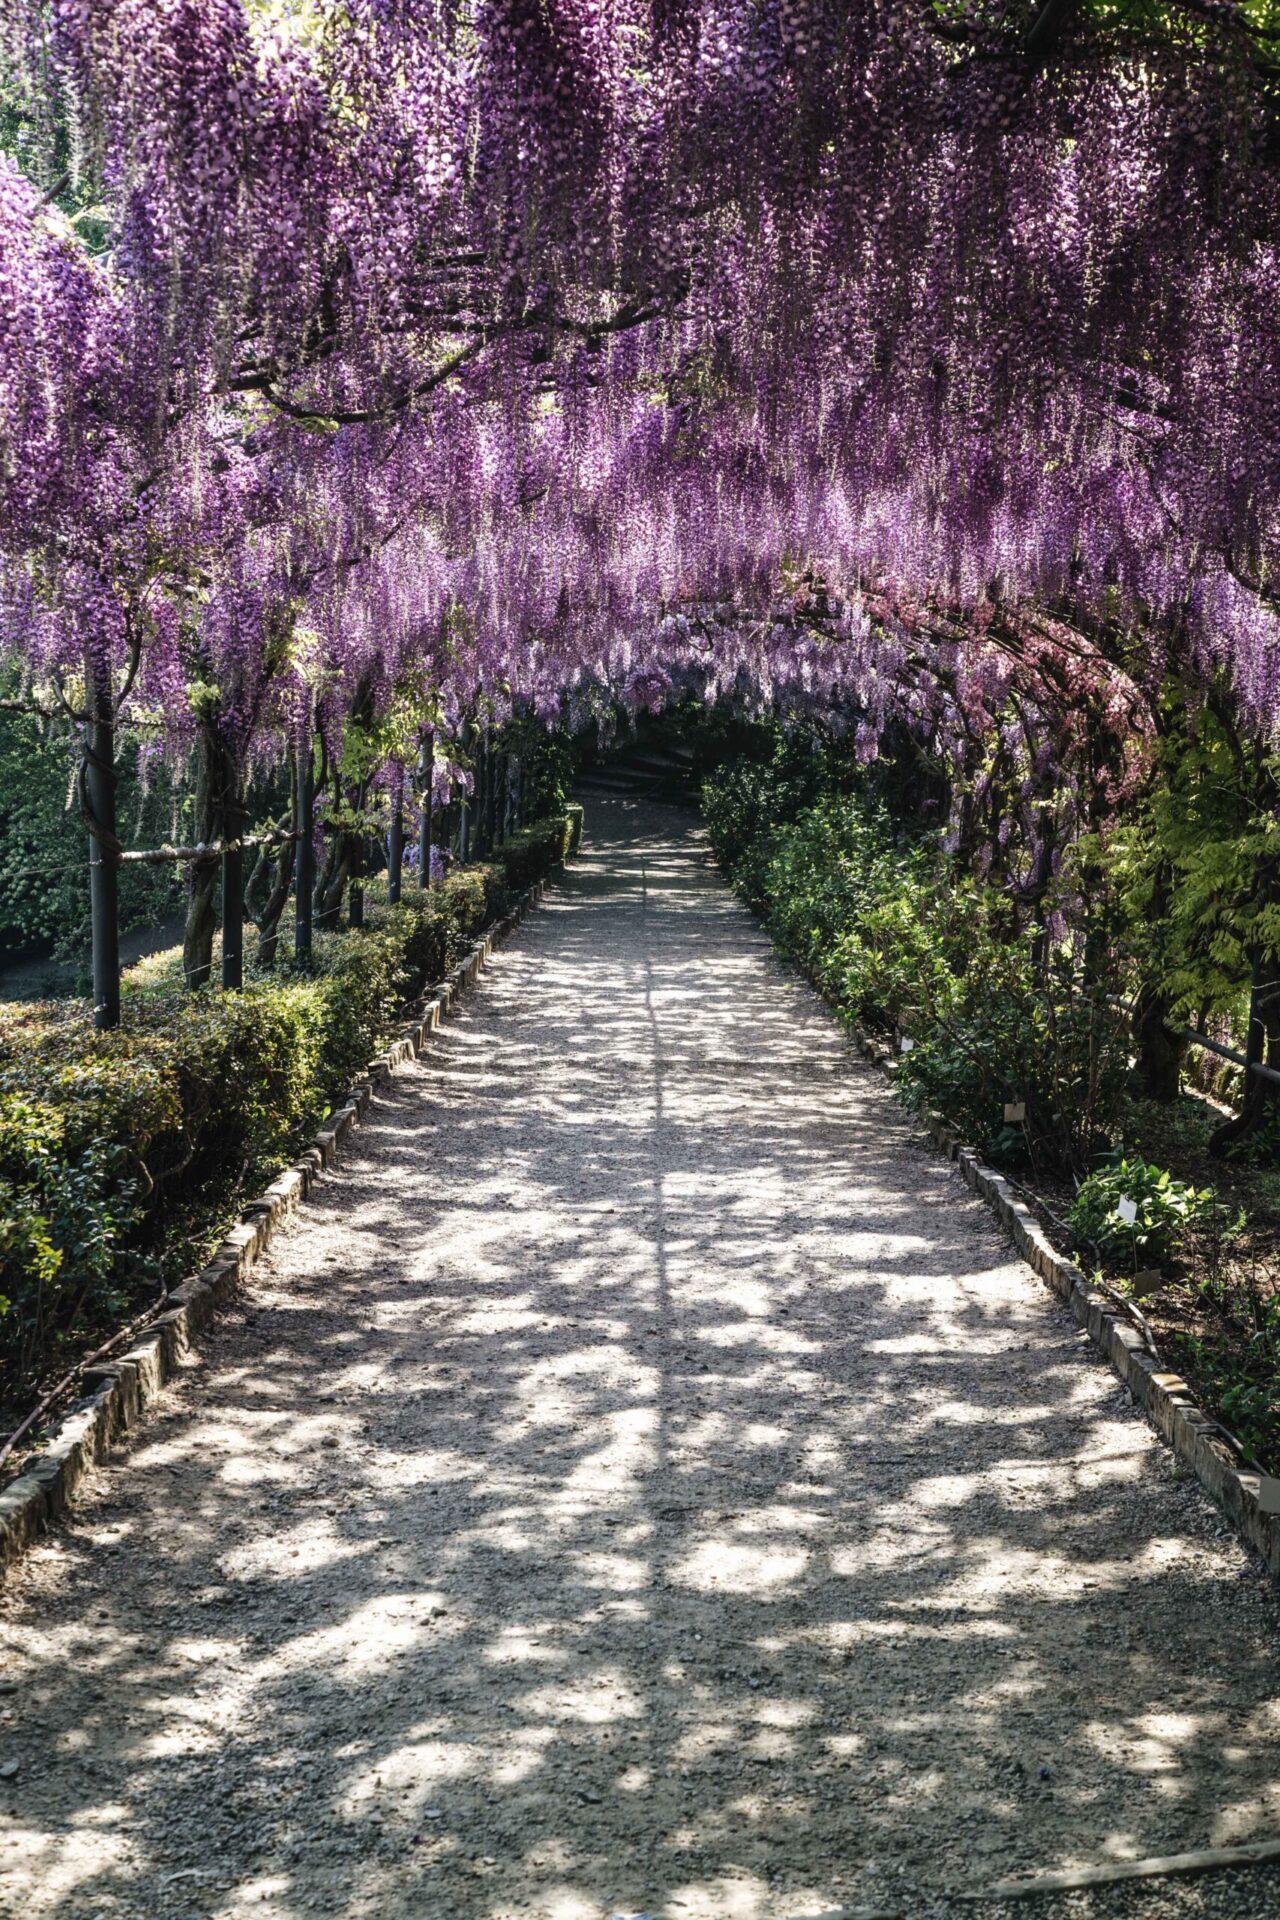 Spettacolo della natura, il glicine della pergola di Villa Bardini raggiunge la massima fioritura. Come vederla via webcam